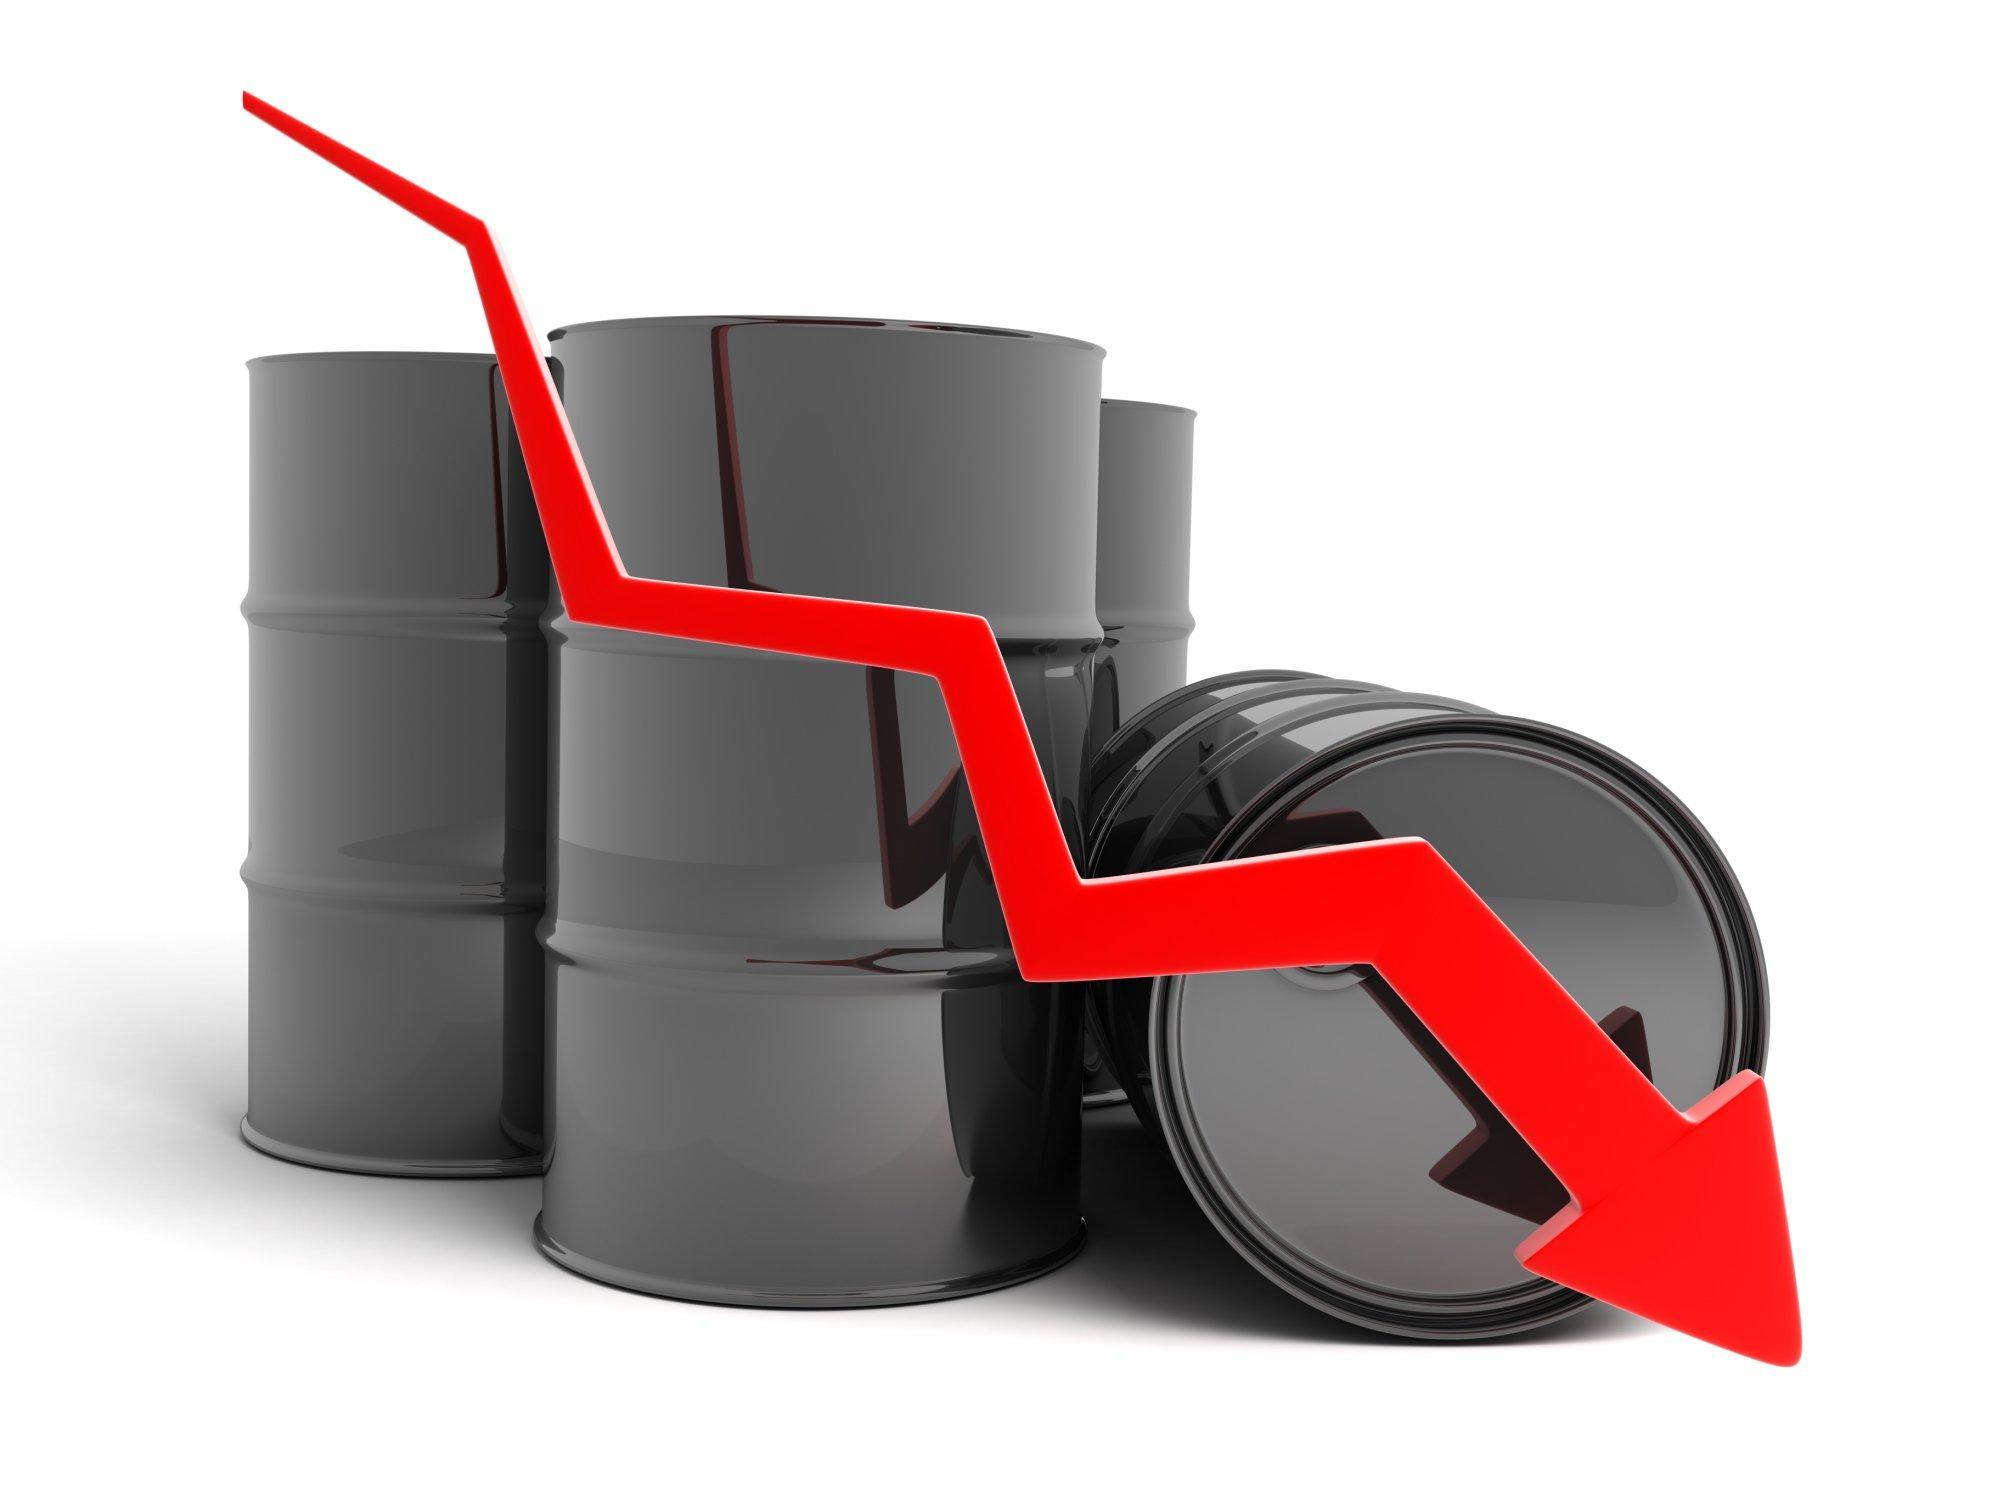 Azərbaycan nefti 2 dollardan çox ucuzlaşıb